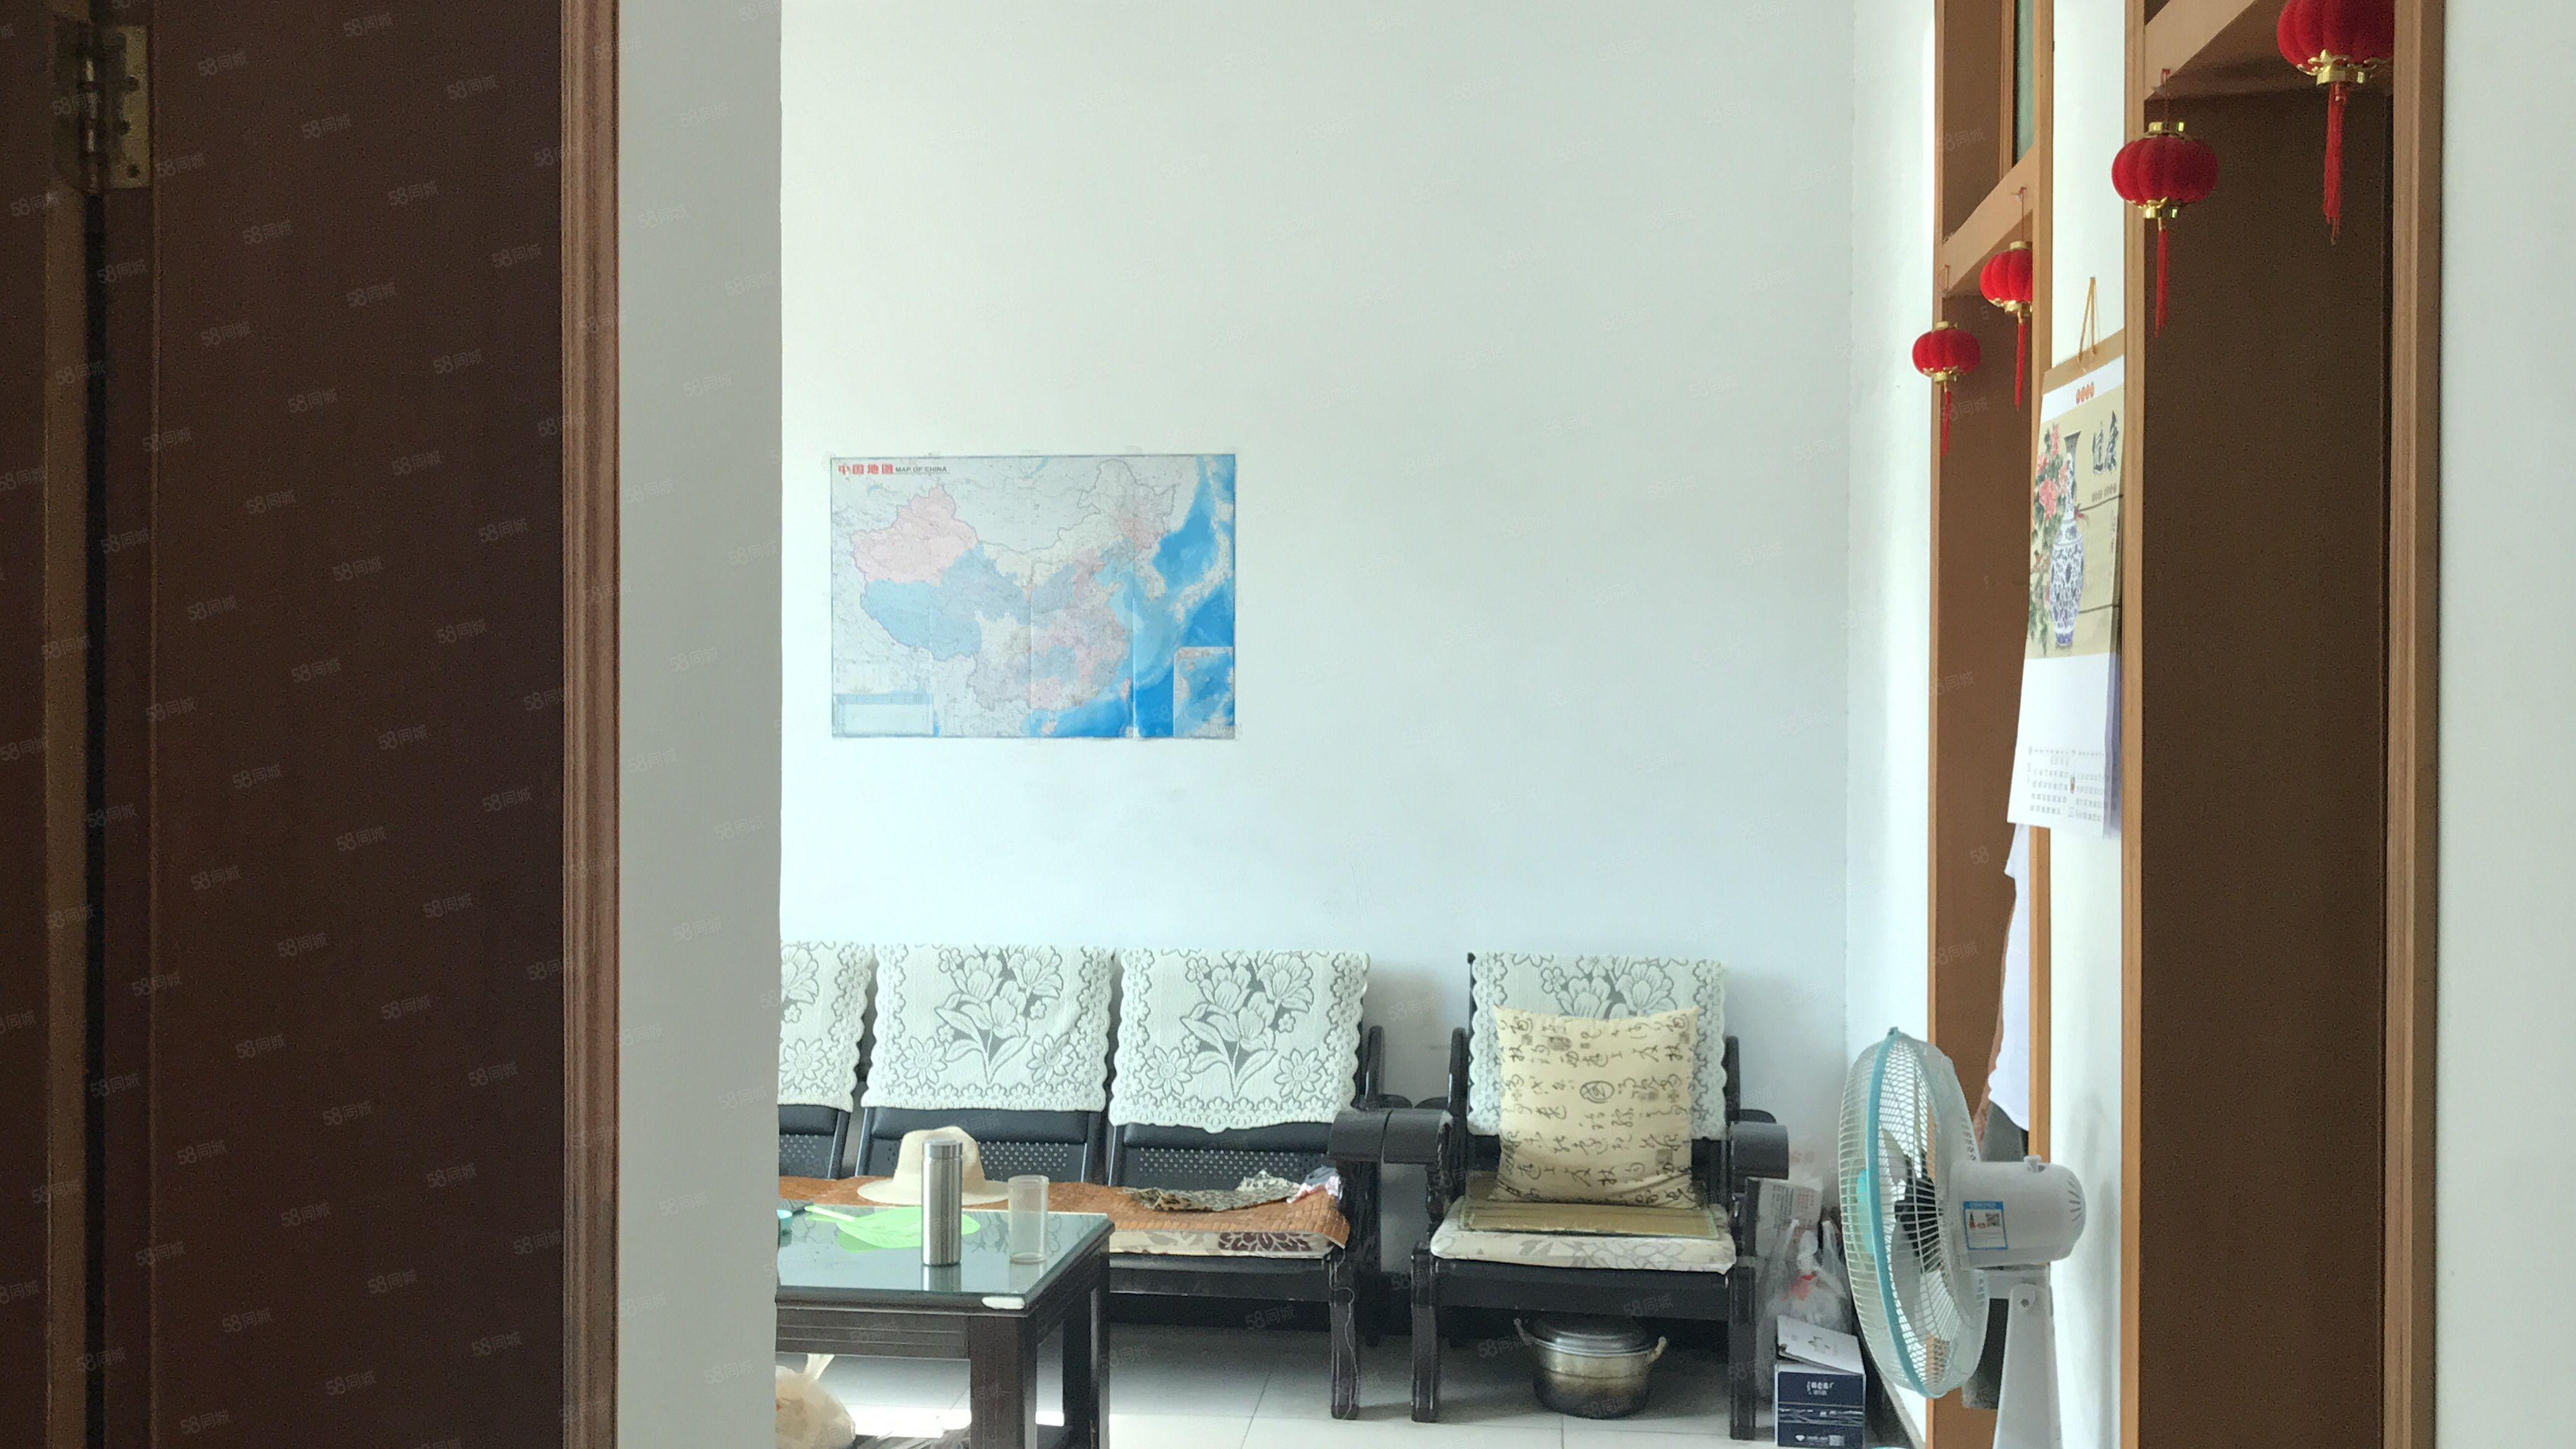 辽河路松江小区南门两室,没差额税,有不动产证,可公积金贷款